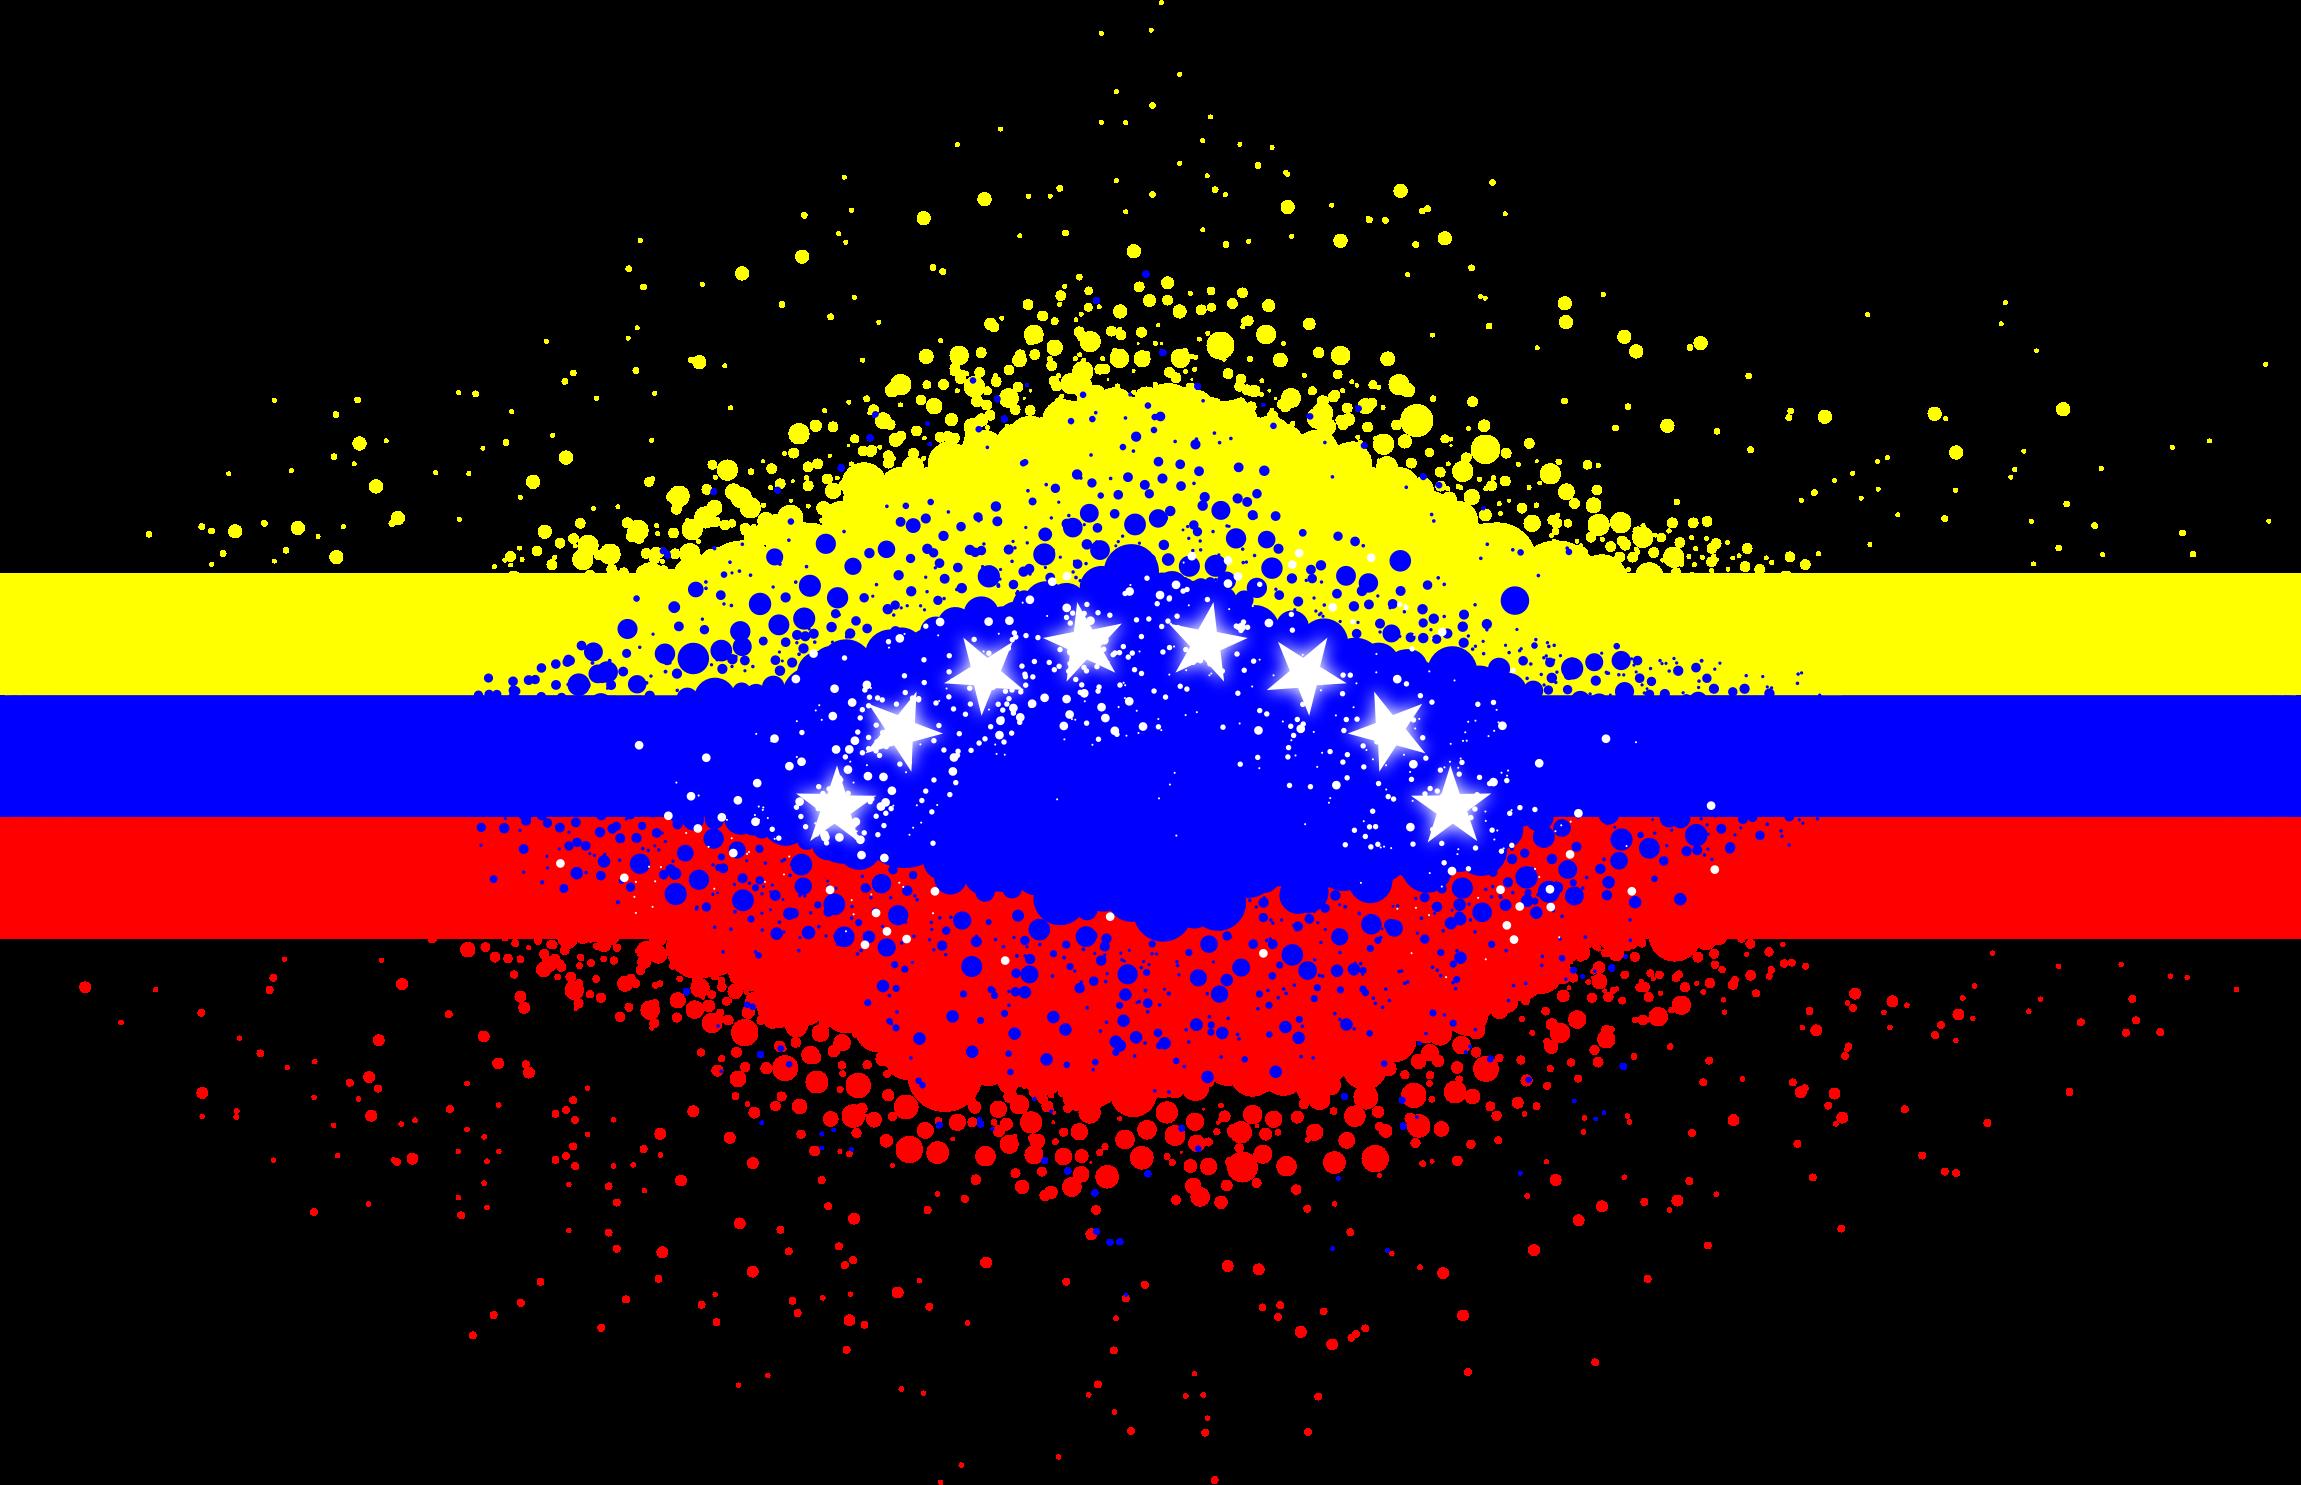 Bandera De Venezuela By Deiby Ybied Venezuela On Openclipart Clip Art Abstract Artwork Elvi